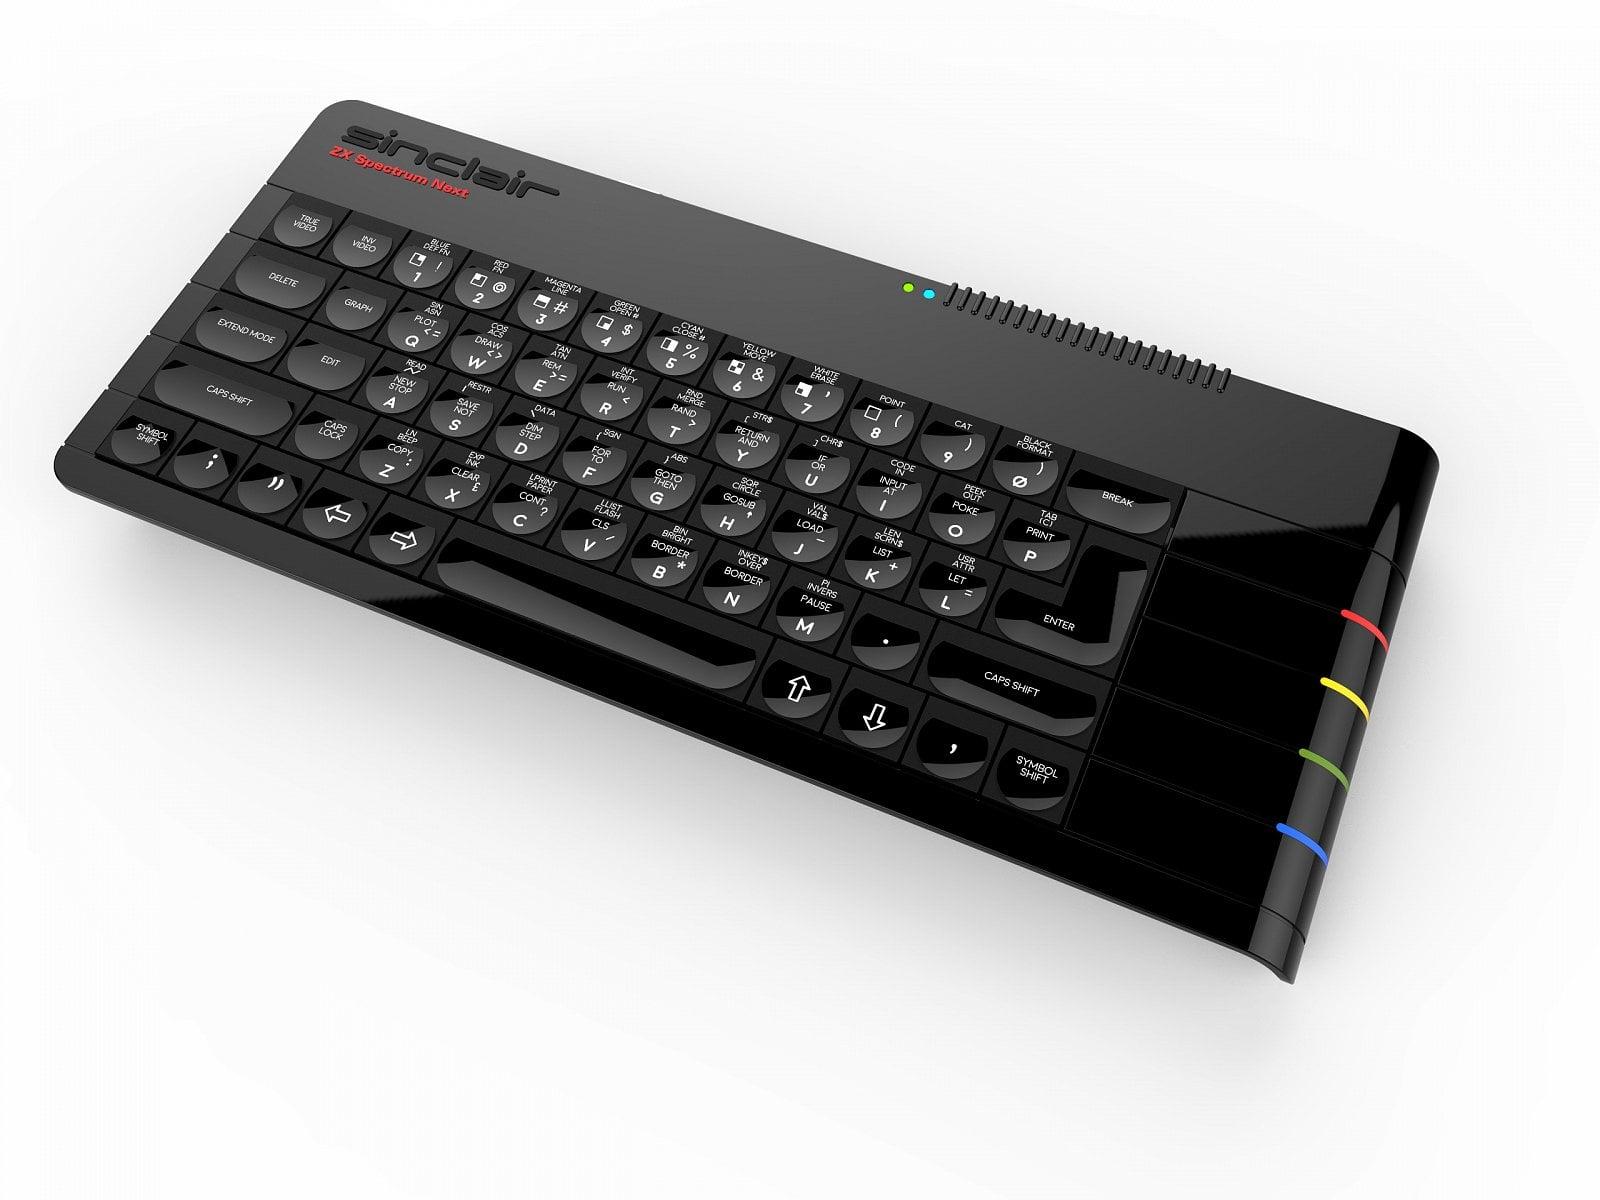 zx-spectrum-next-1